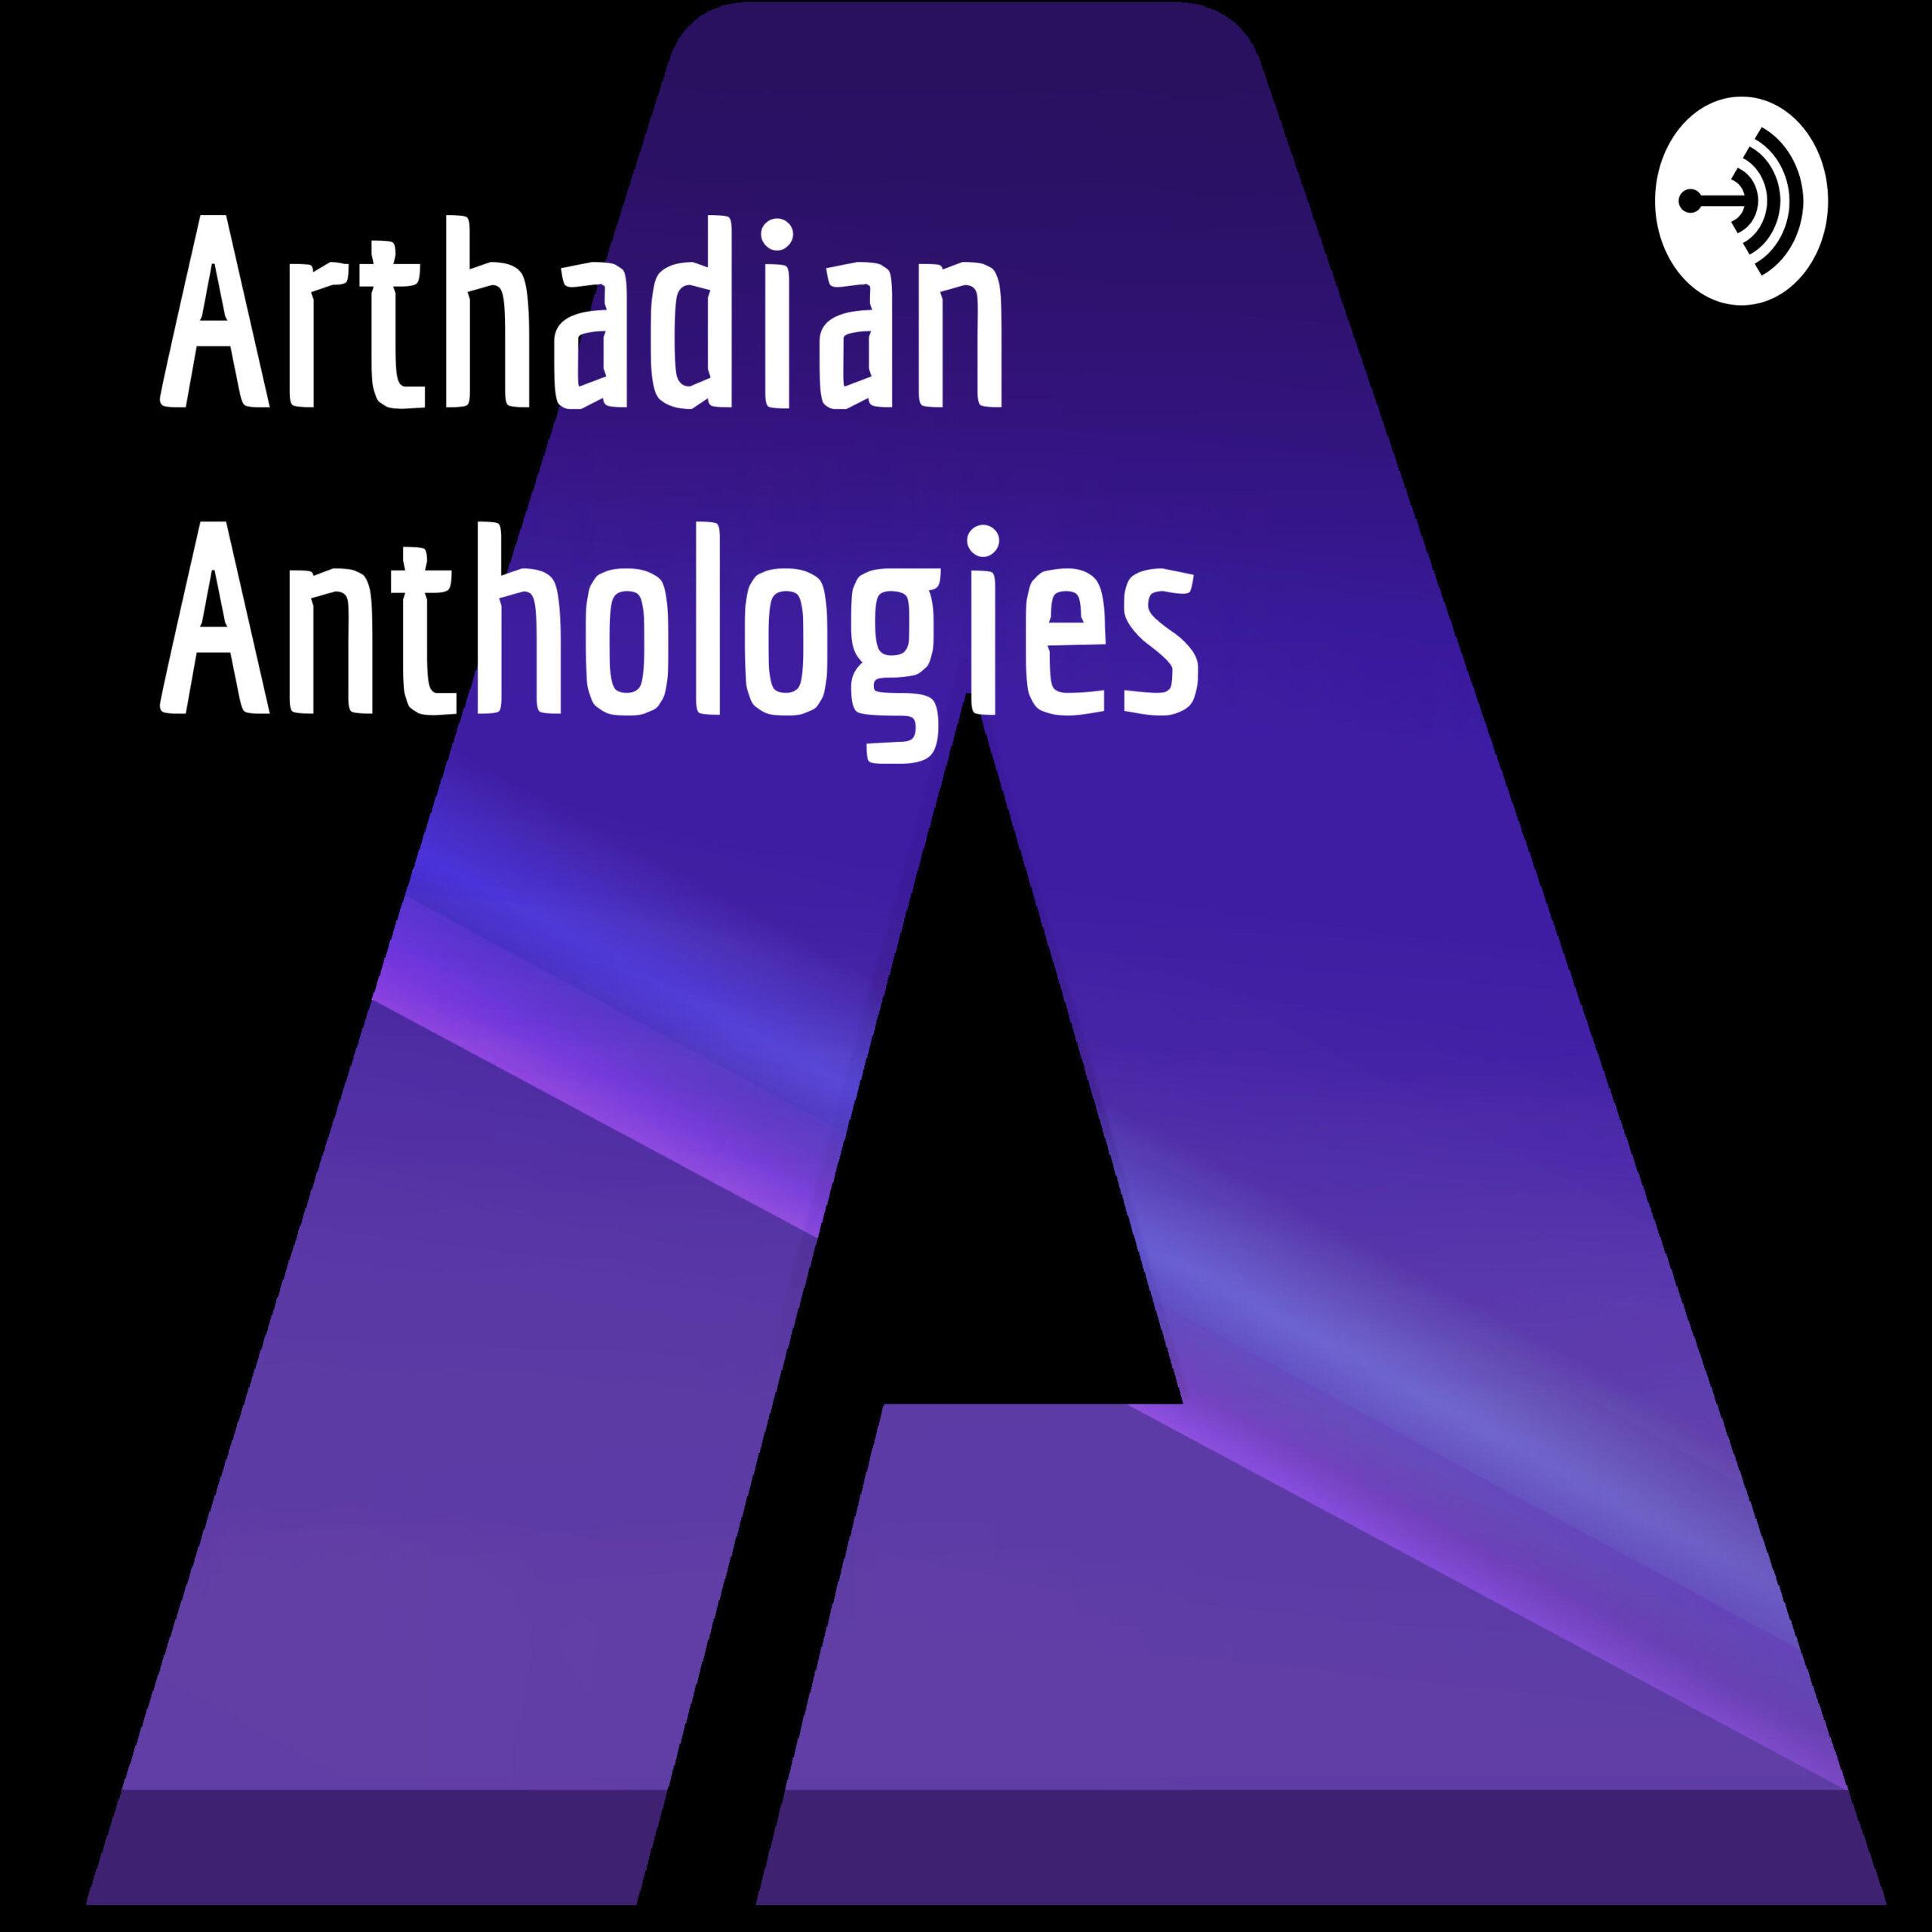 Arthadian Anthologie